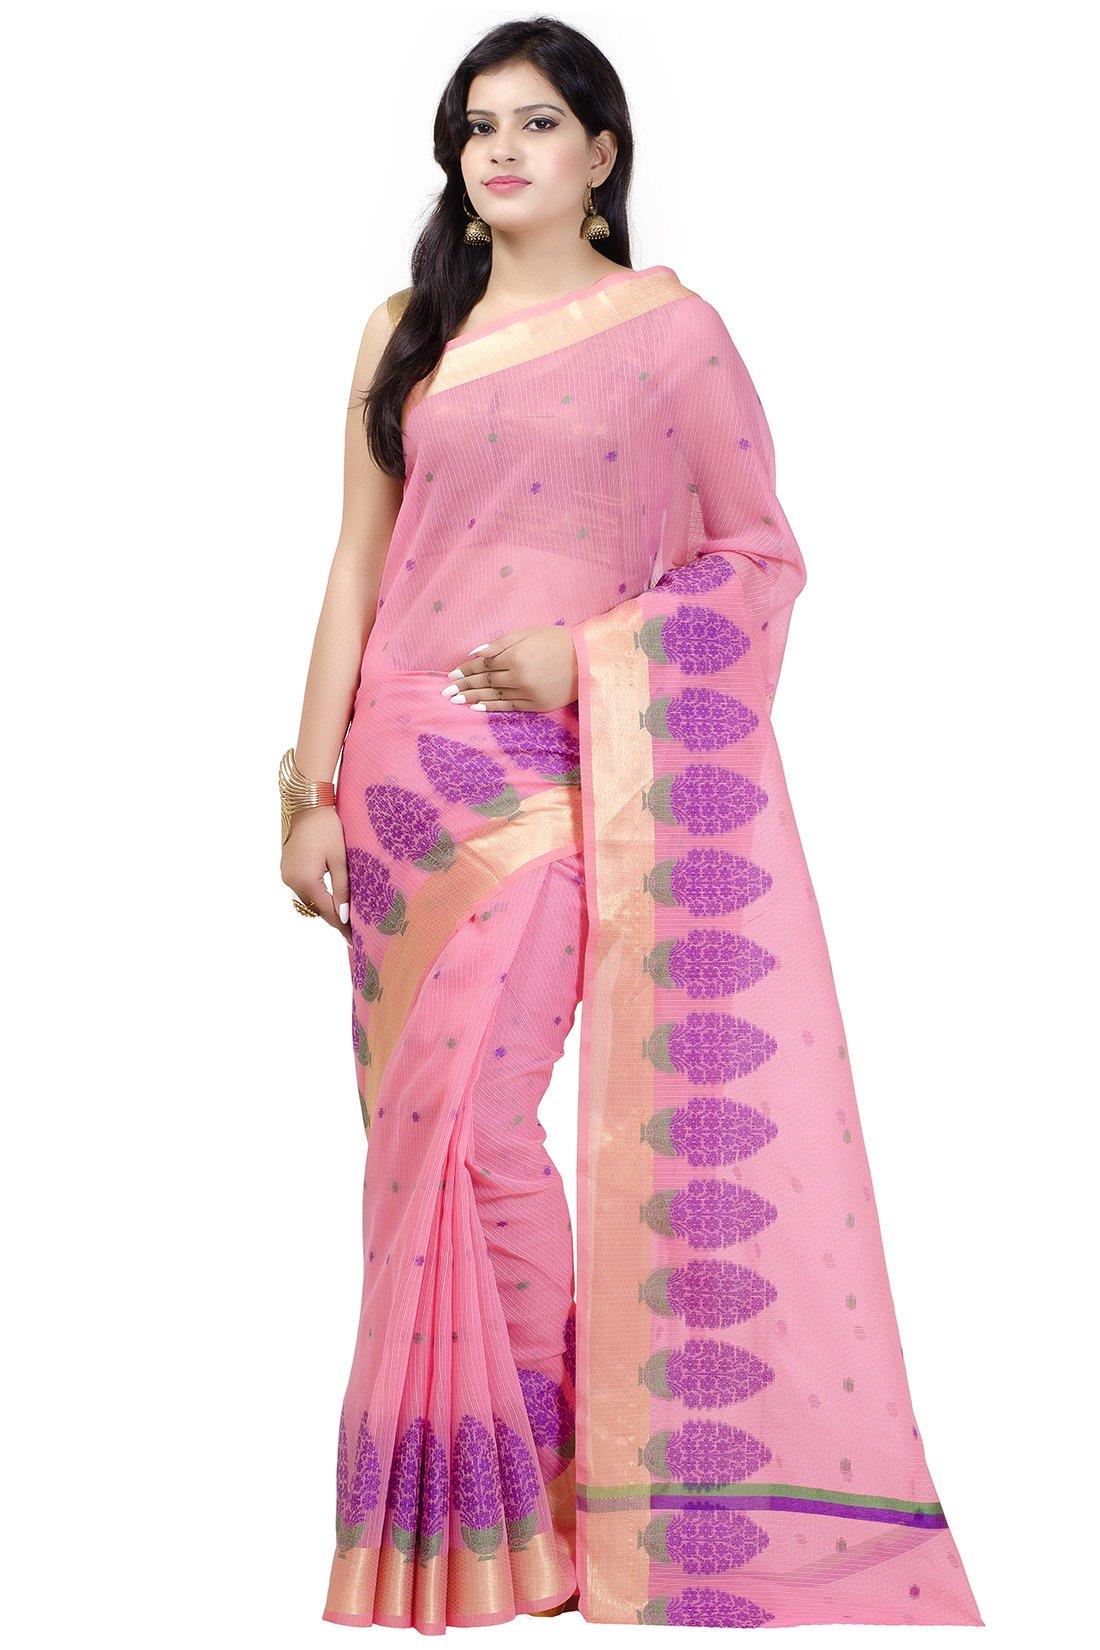 Chandrakala Women's Pink Cotton Blend Banarasi Saree